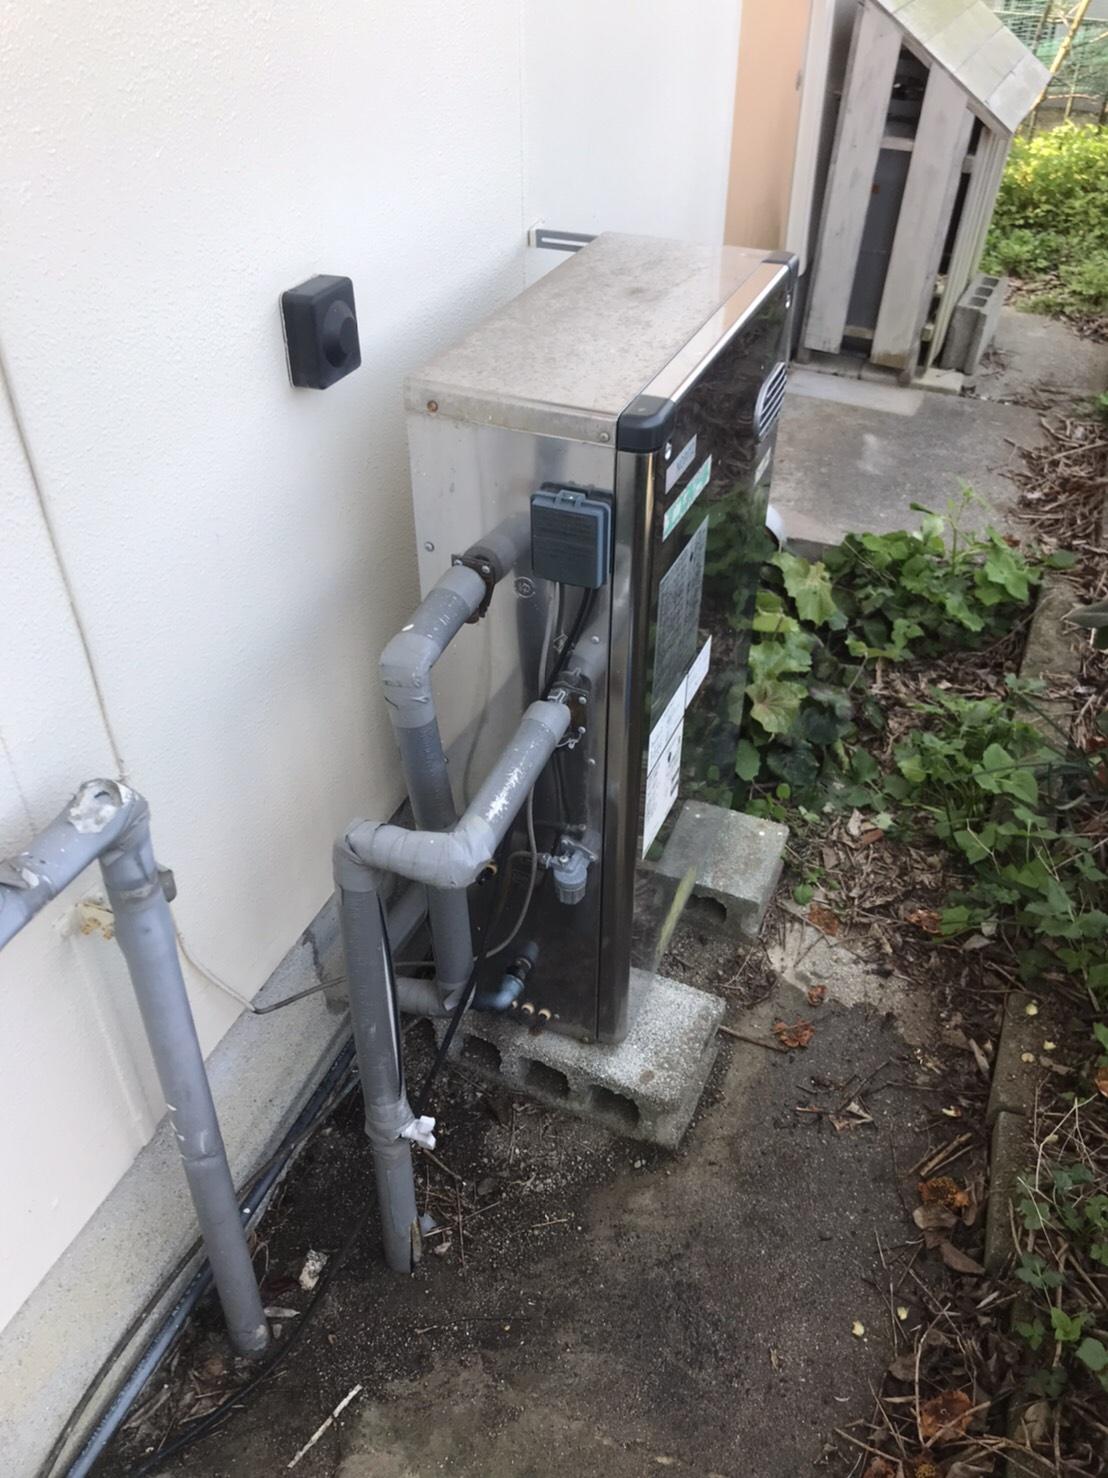 給湯器やエアコンの修理、水漏れなど住宅設備に関するご相談もお気軽に!